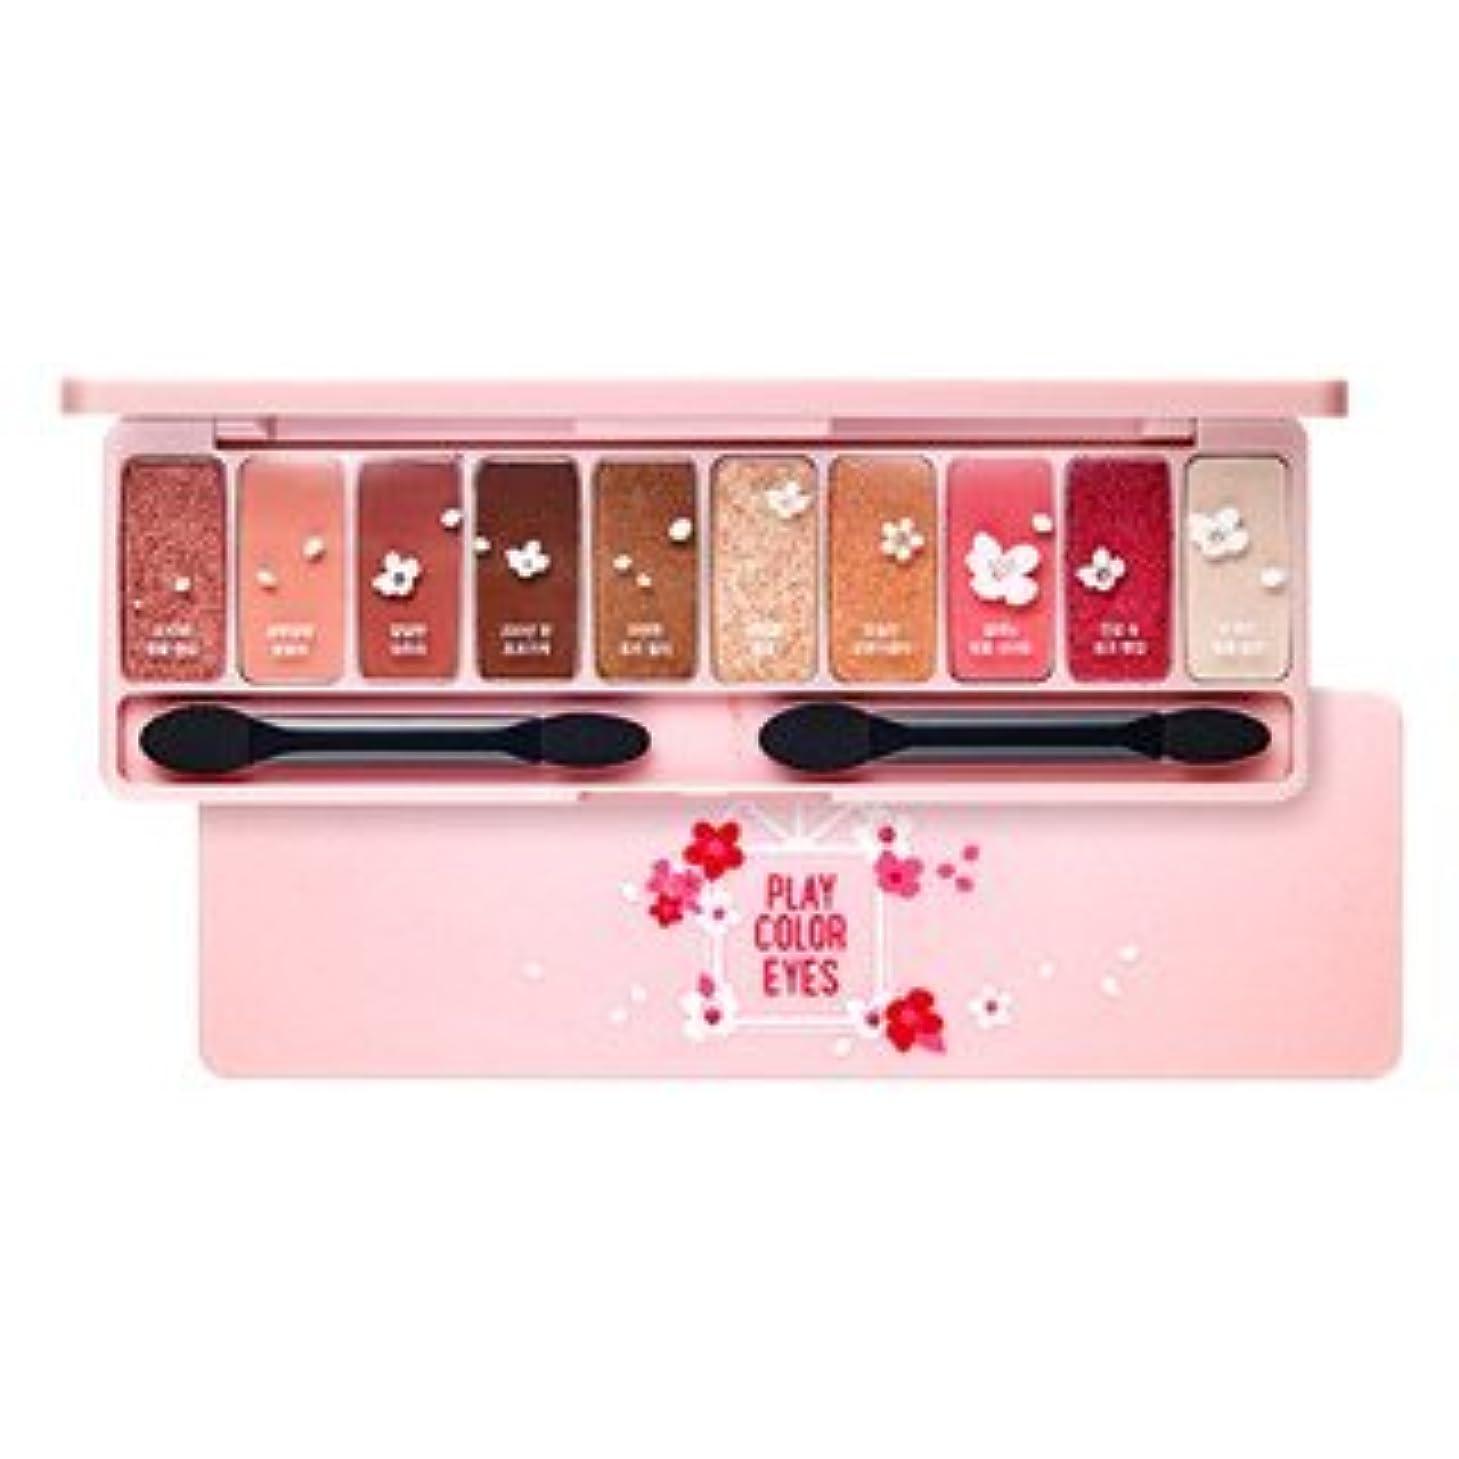 地下グローブ動員するETUDE HOUSE Play Color Eyes Cherry Blossom / エチュードハウス プレイカラーアイズチェリーブロッサム 1g x10